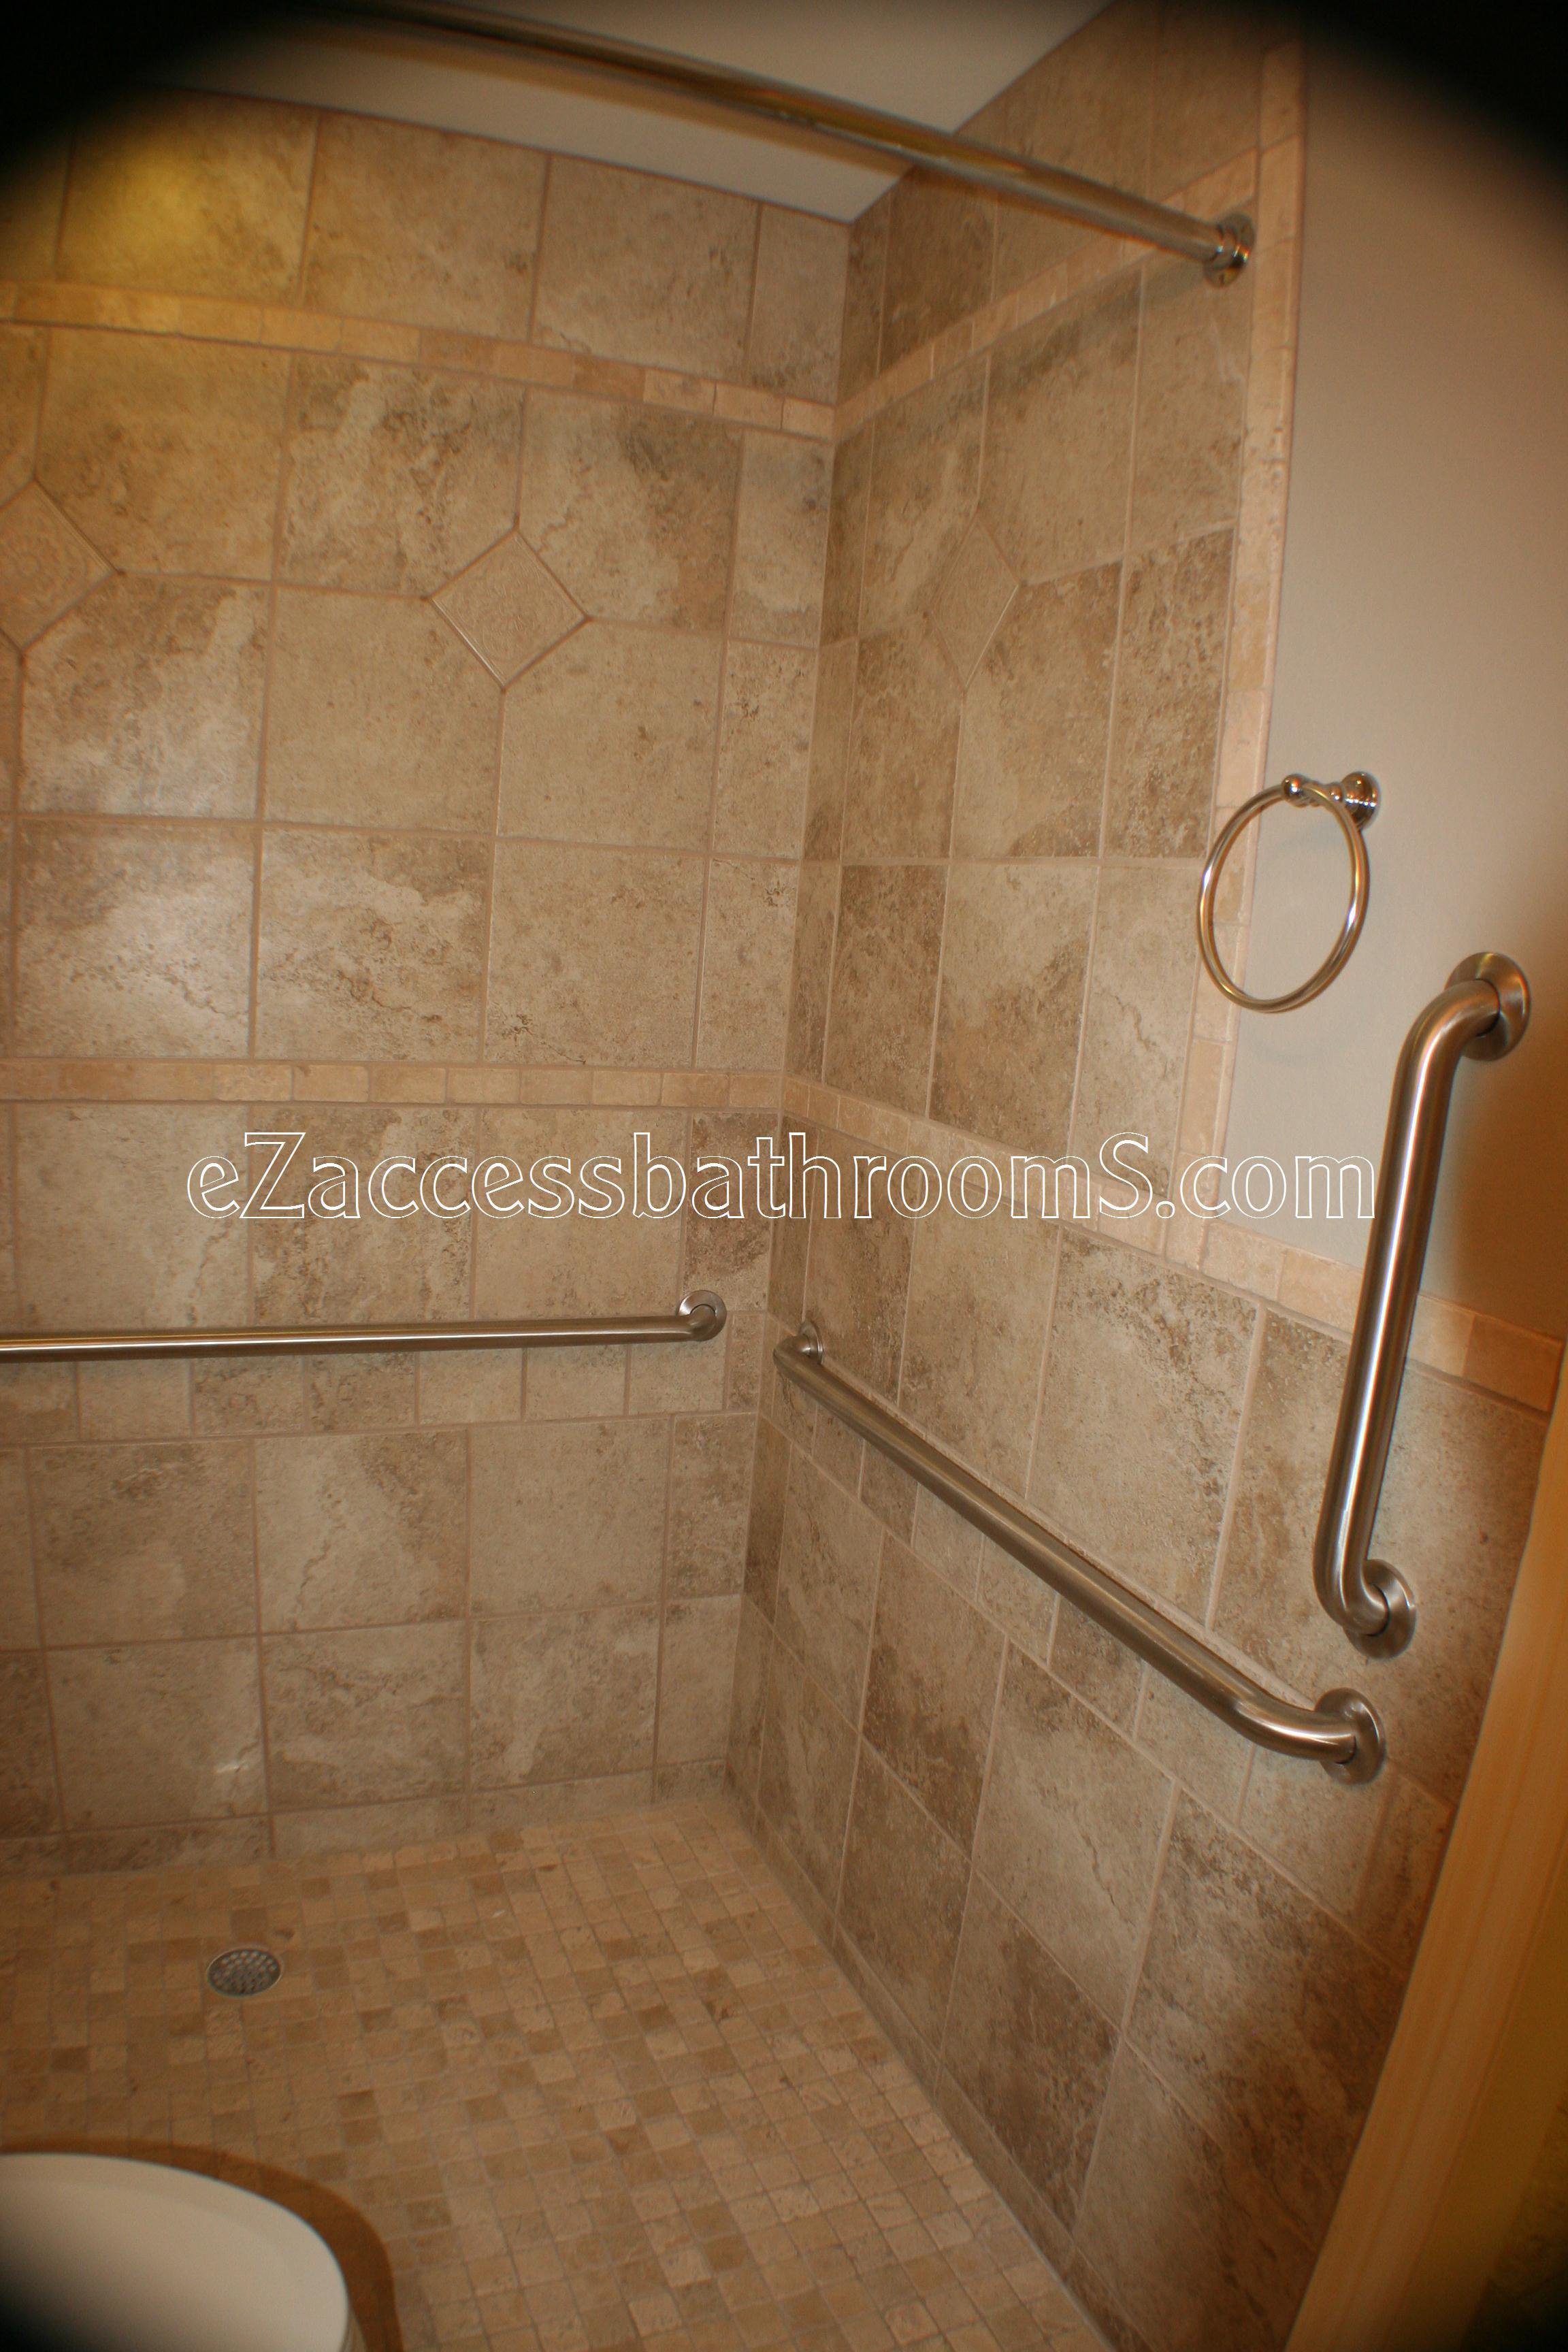 handicap bathroom 01 ezacessbathrooms.com 008.jpg